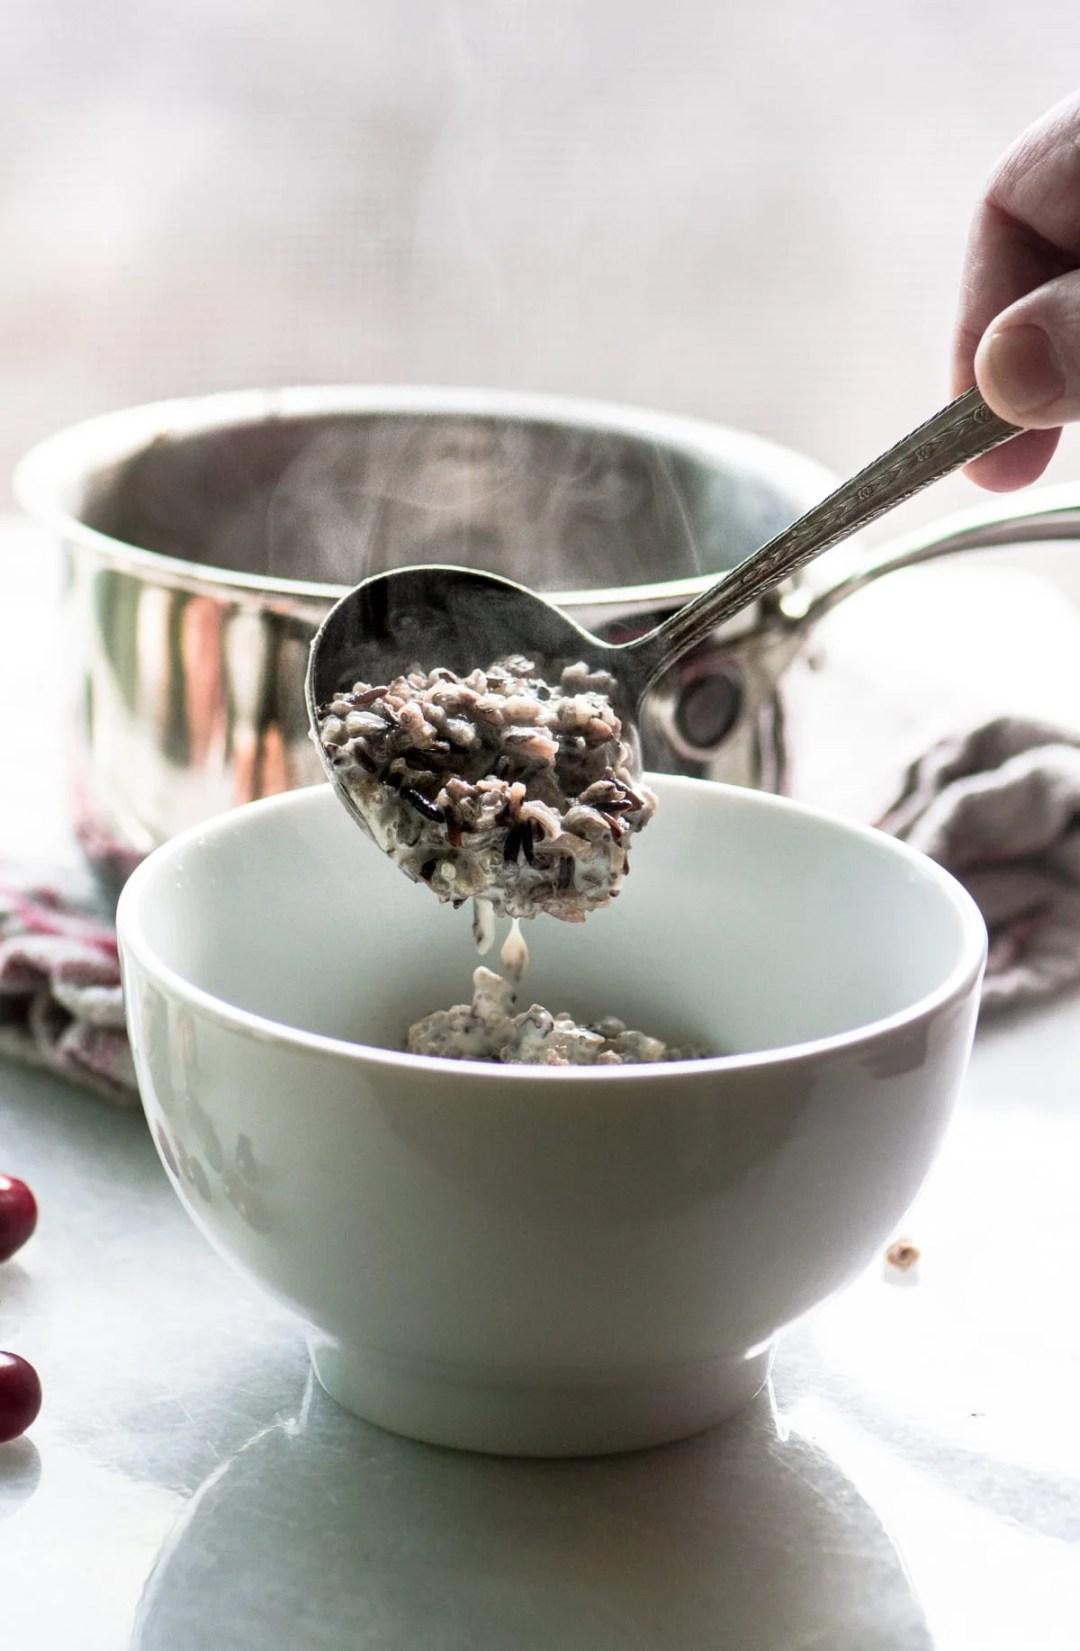 Ladling wild rice porridge into a white bowl